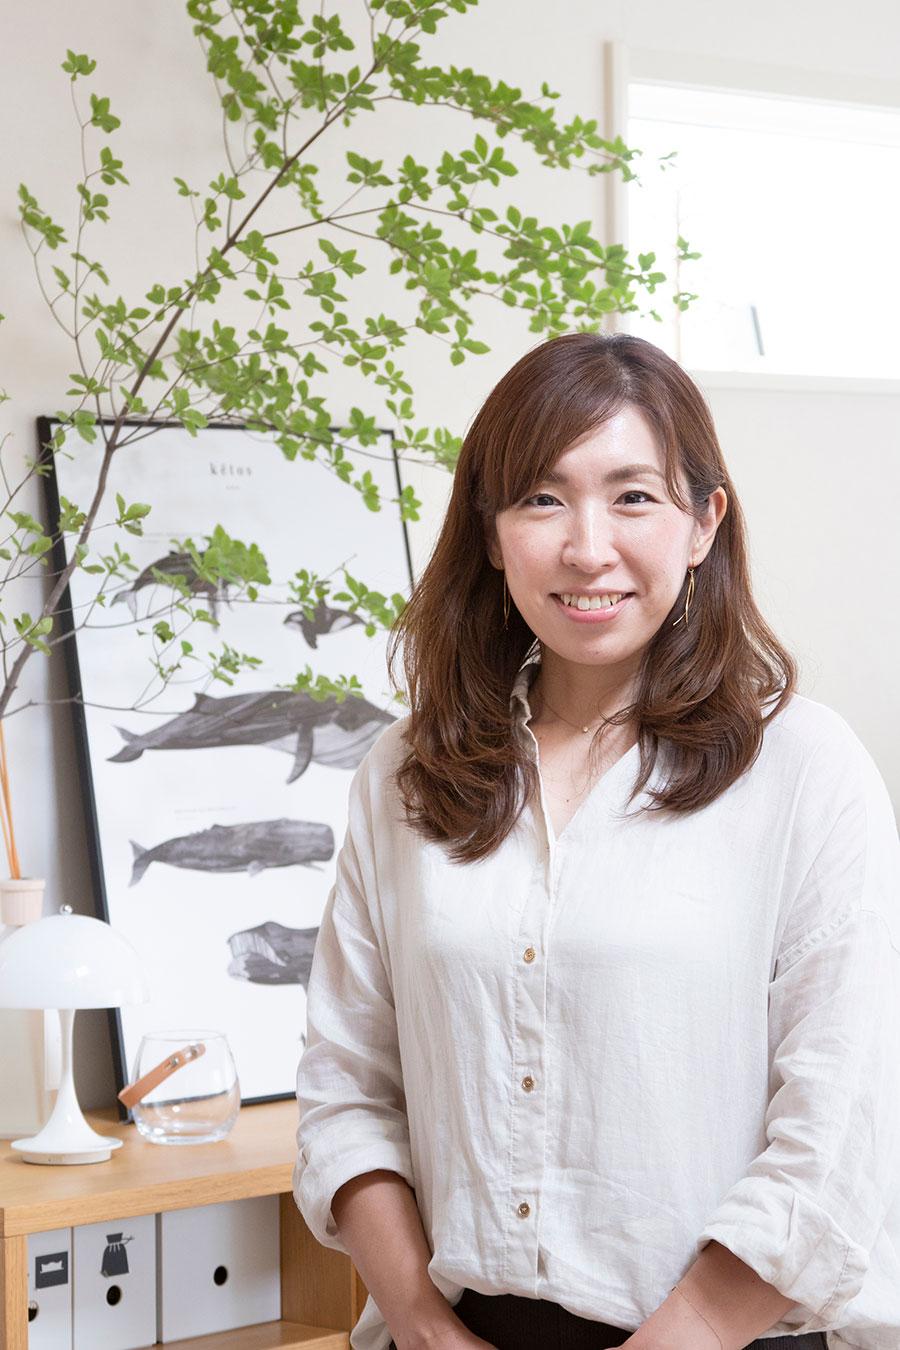 整理収納・ライフアドバイザーの窪嶋真弥さん。整理収納サポートを通して自分らしい暮らしをデザインする「DESIGN LIFE」主宰。住宅メーカー等でのセミナーを開催するほか、テレビやラジオにも出演。